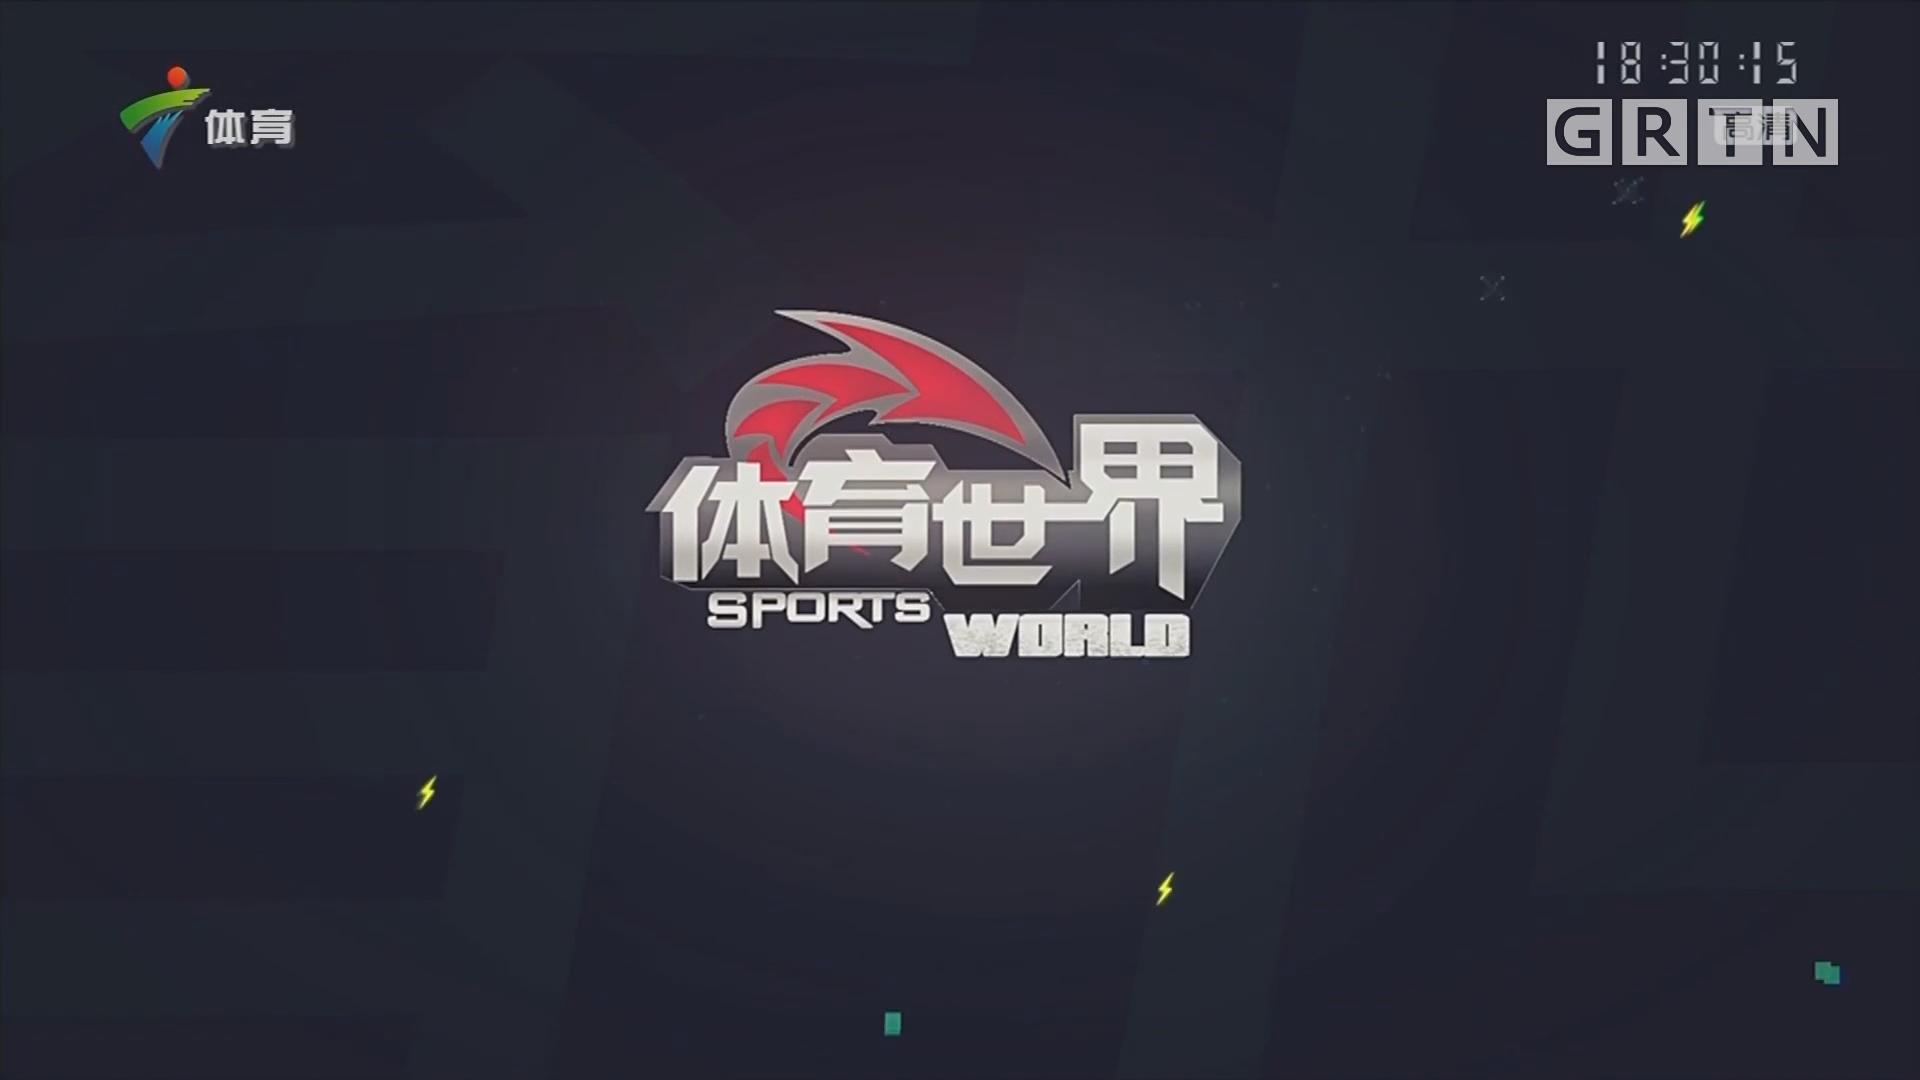 [HD][2019-01-01]体育世界:新年登高健身 远望成就梦想